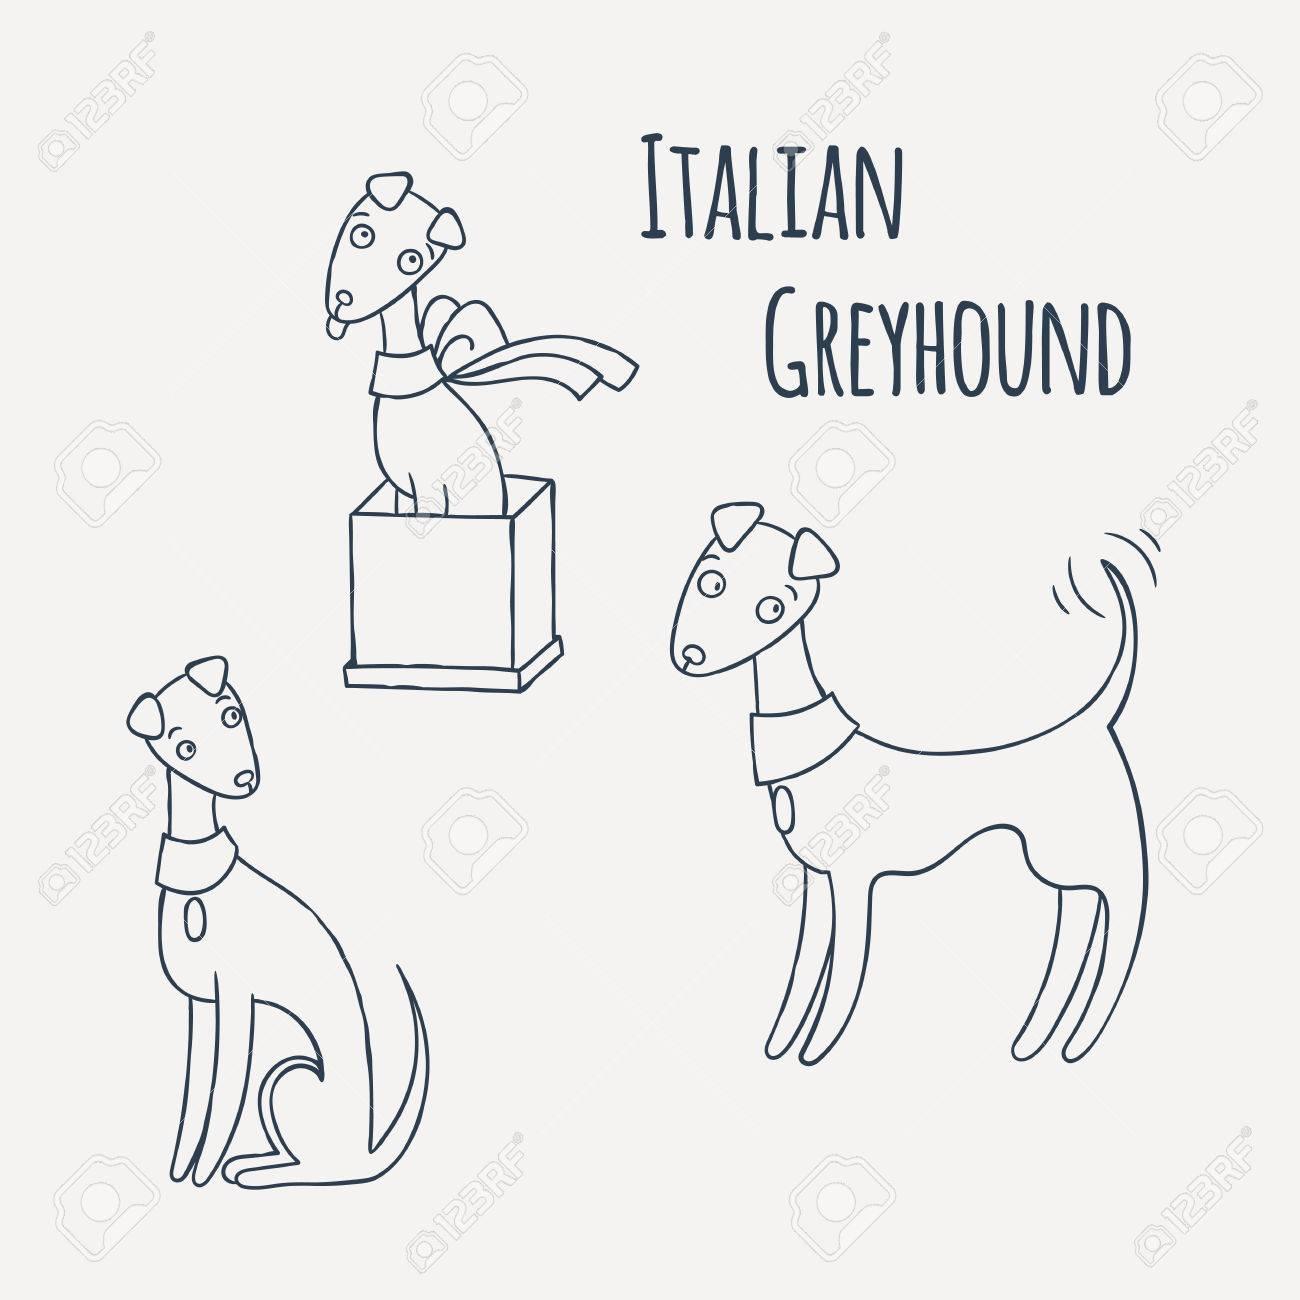 Conjunto Del Perro De La Historieta Del Galgo Italiano Dibujo Para Colorear Ilustración Vectorial